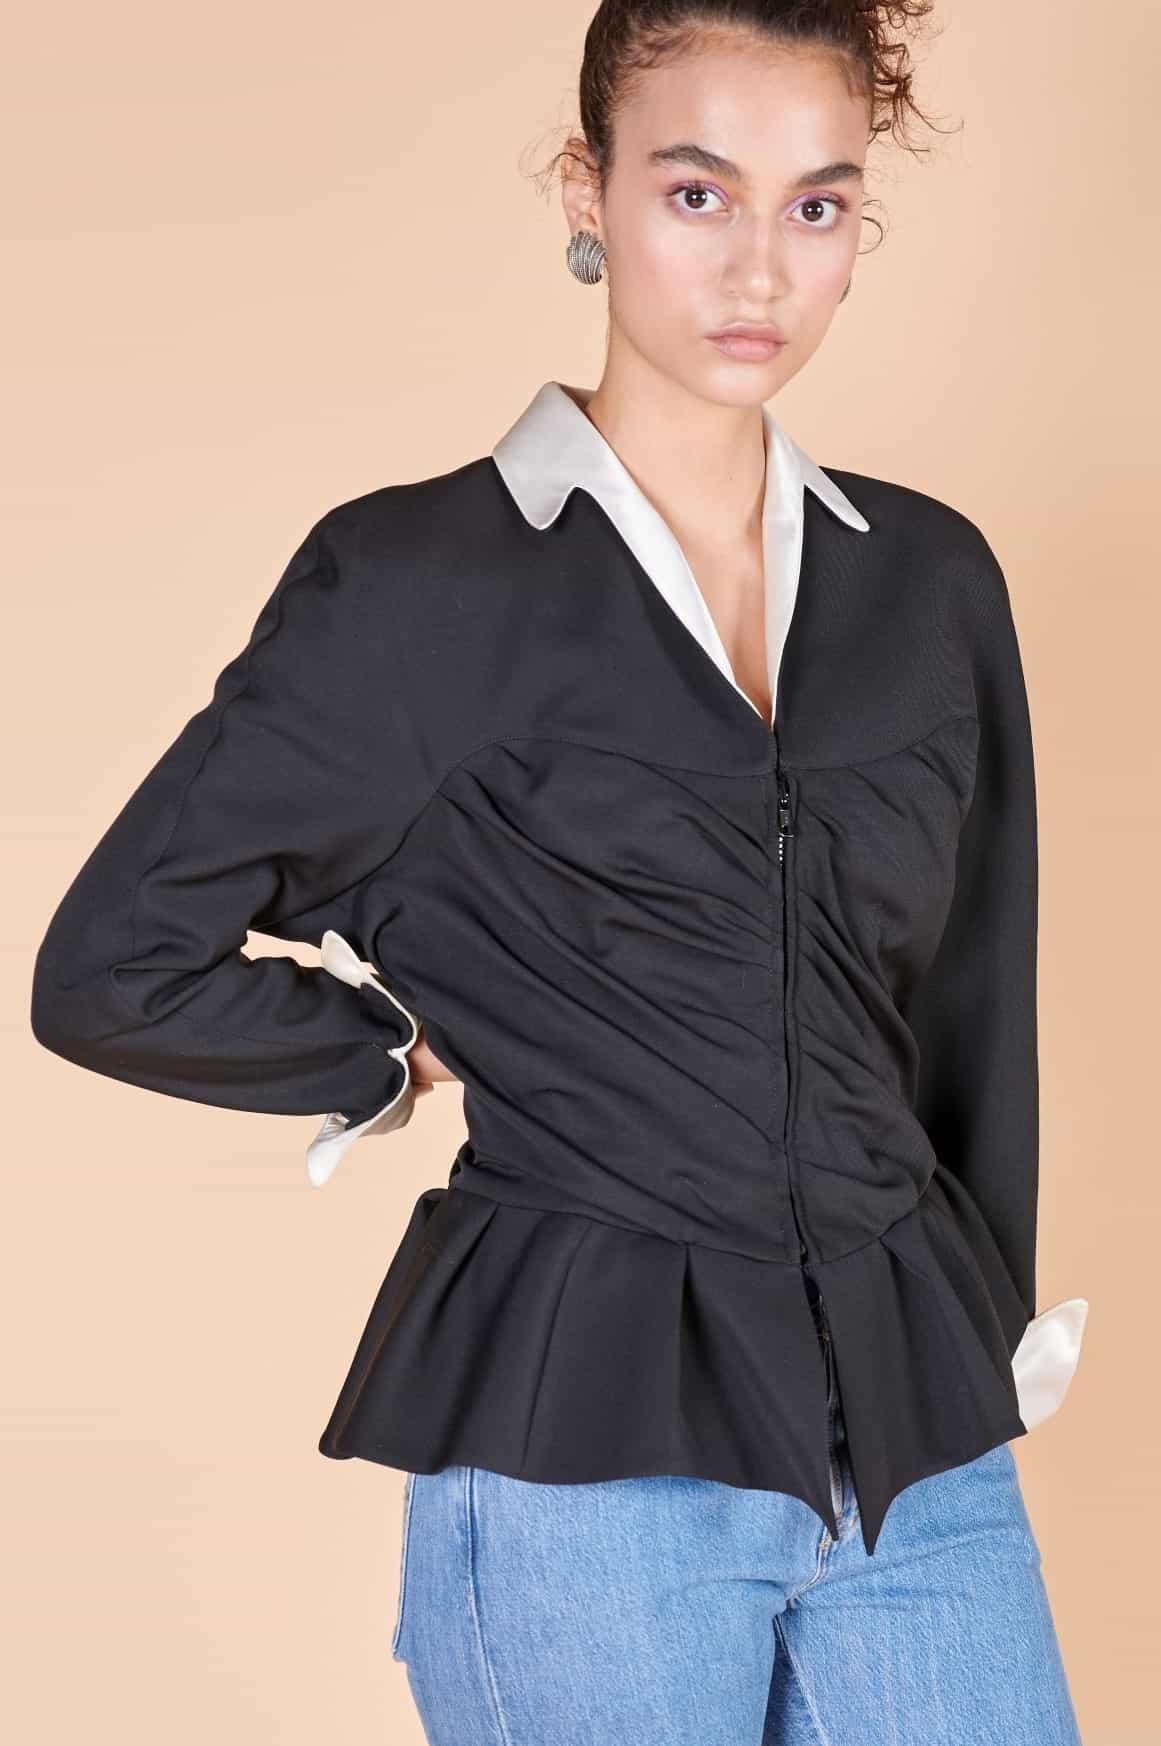 90'lar Fransız Thierry Mugler vintage abartılı omuz vatkalı saten yaka siyah ceket